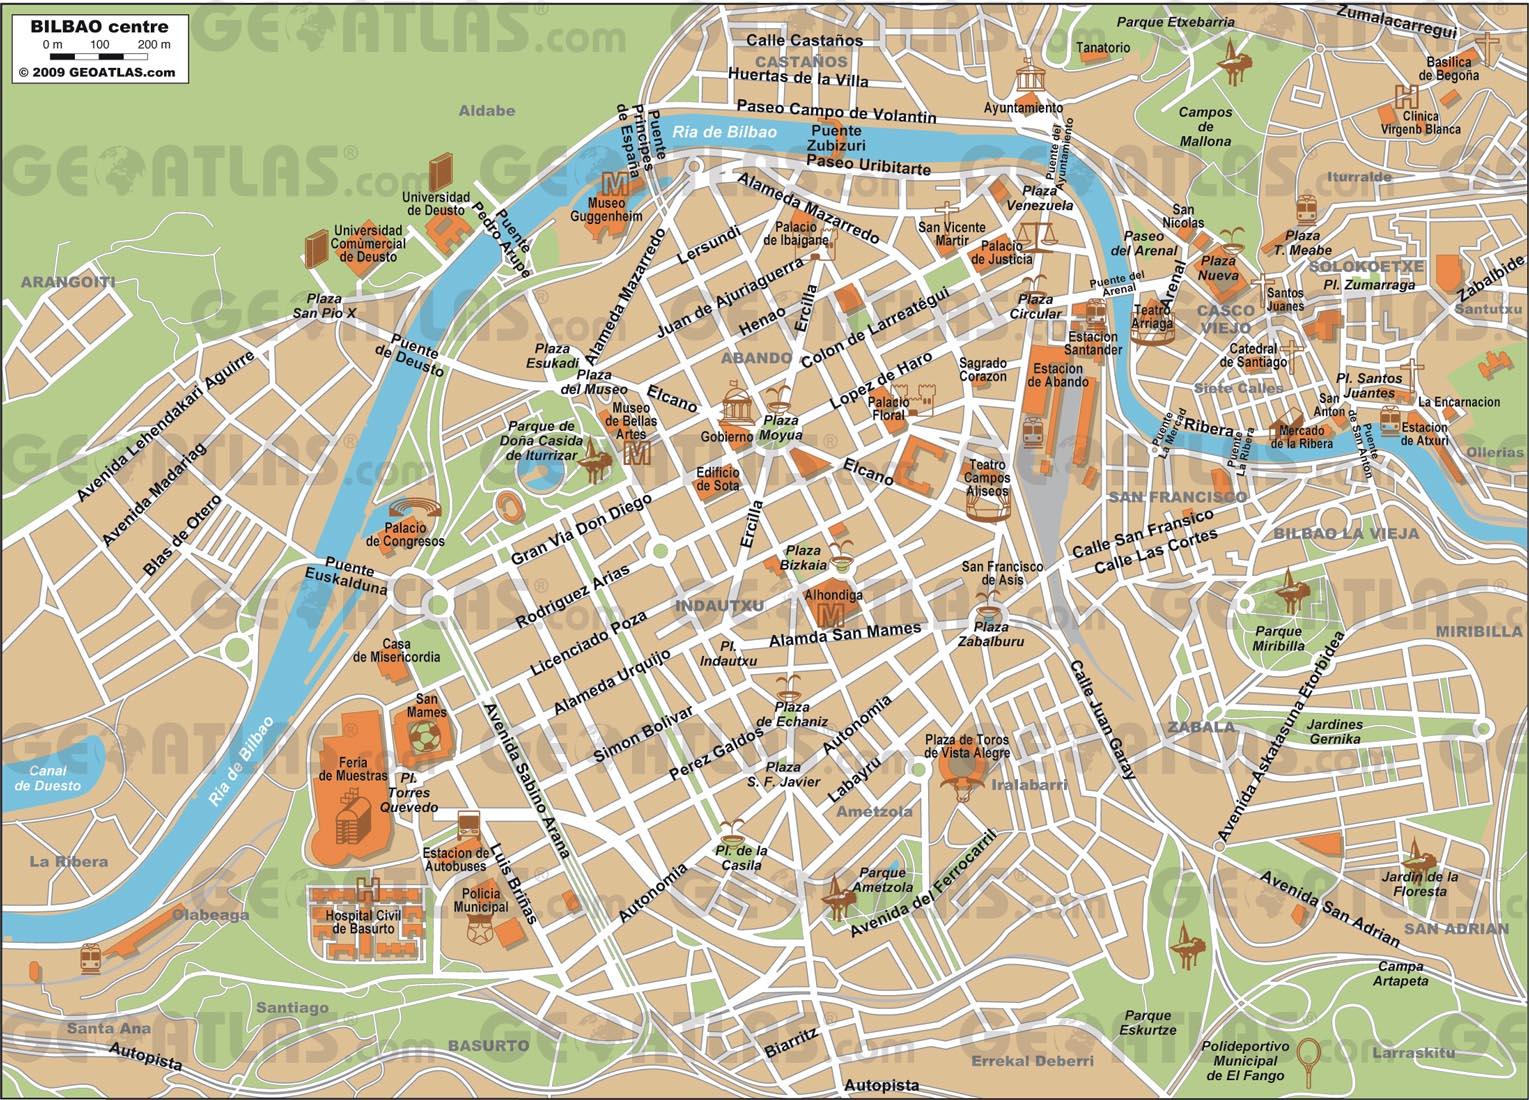 bilbao mapa espanha Mapas de Bilbao   Espanha | MapasBlog bilbao mapa espanha